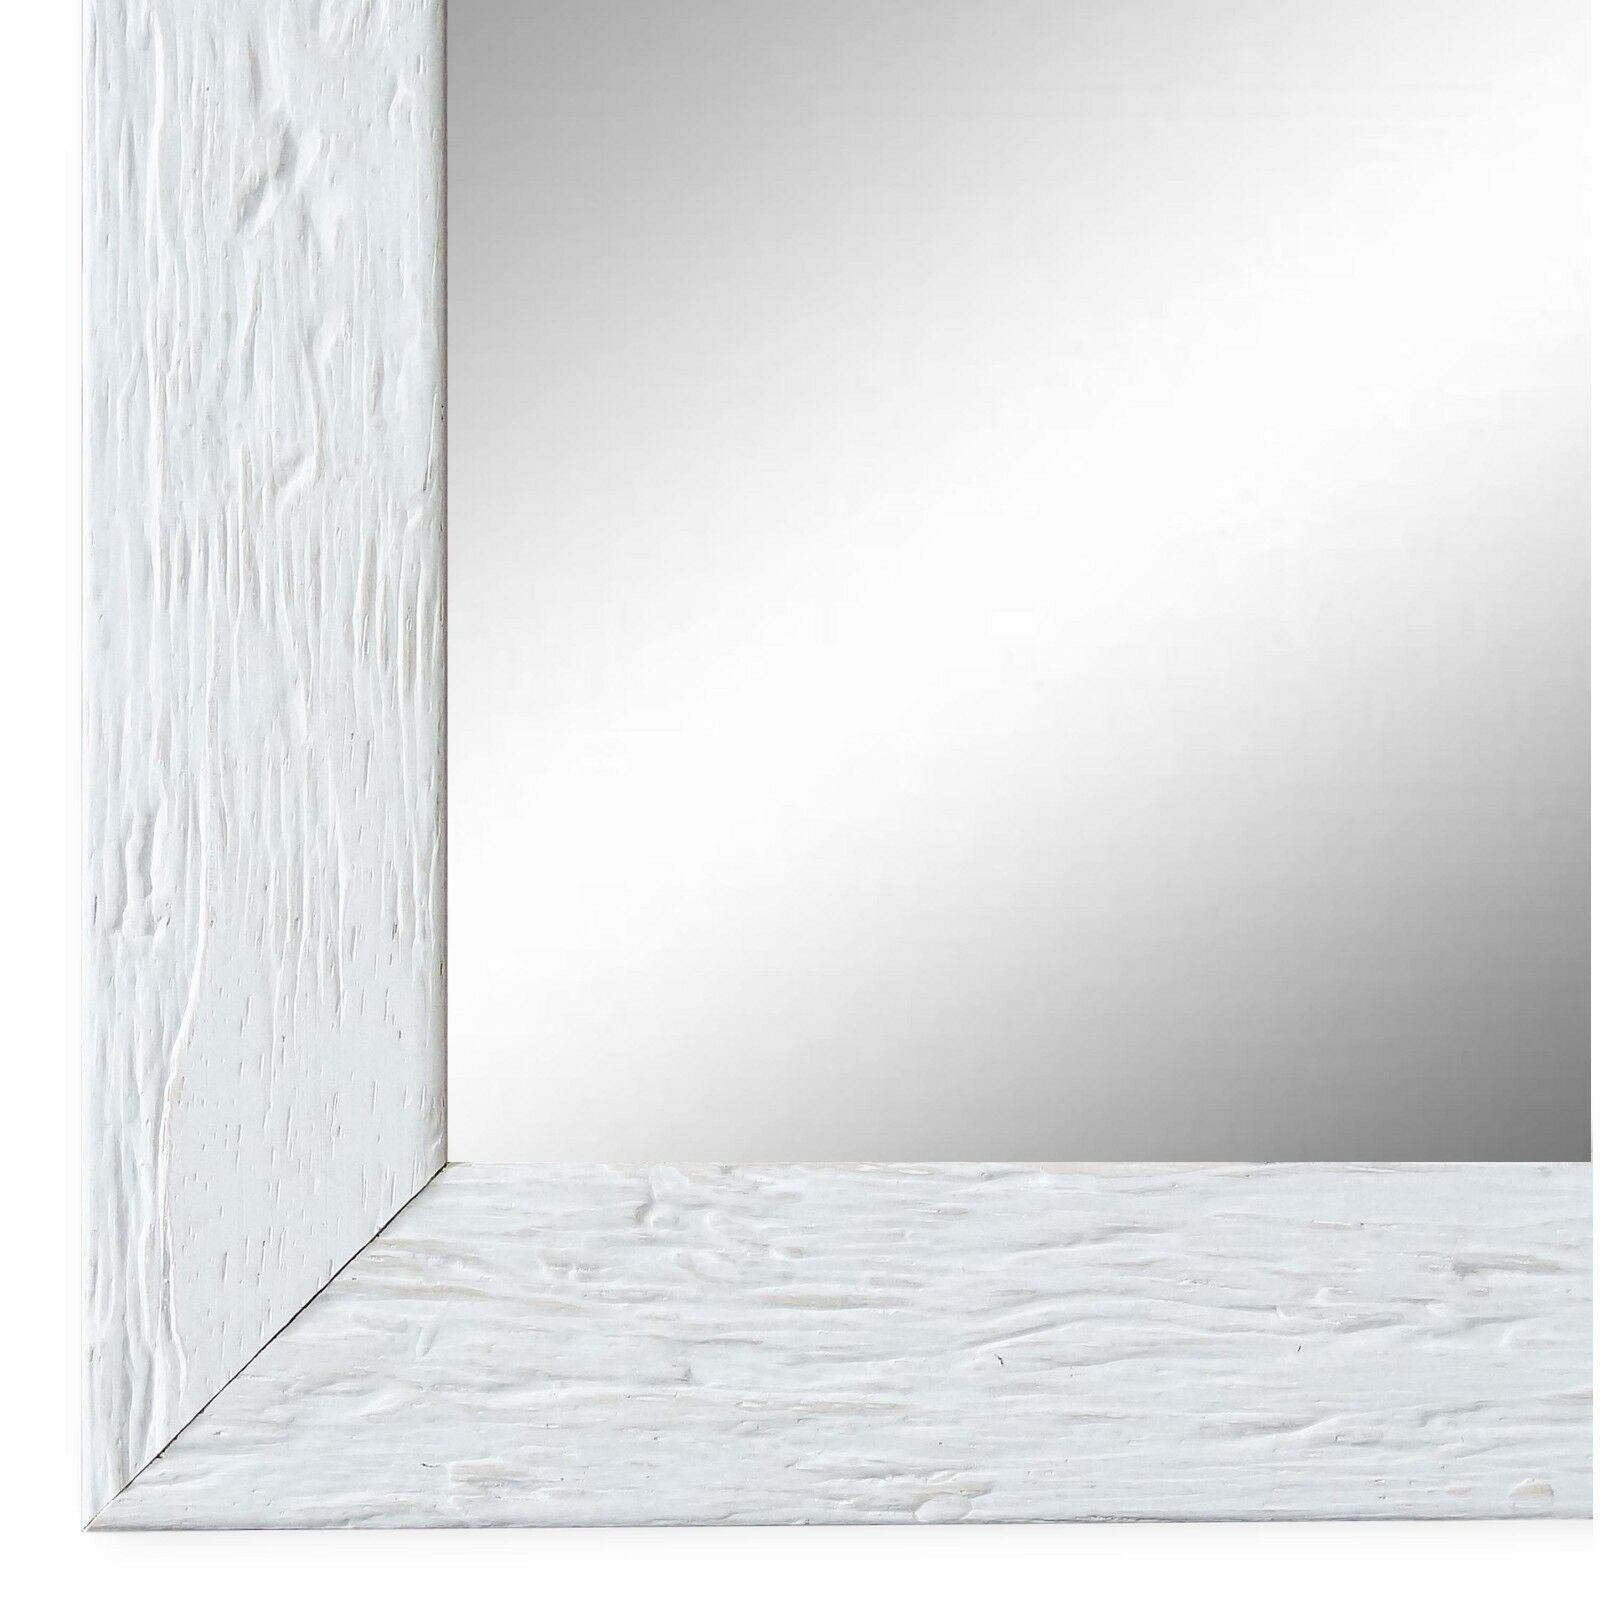 Wandspiegel Spiegel Weiss Retro Vintage Holz Rimini 3, 0 - NEU alle Größen